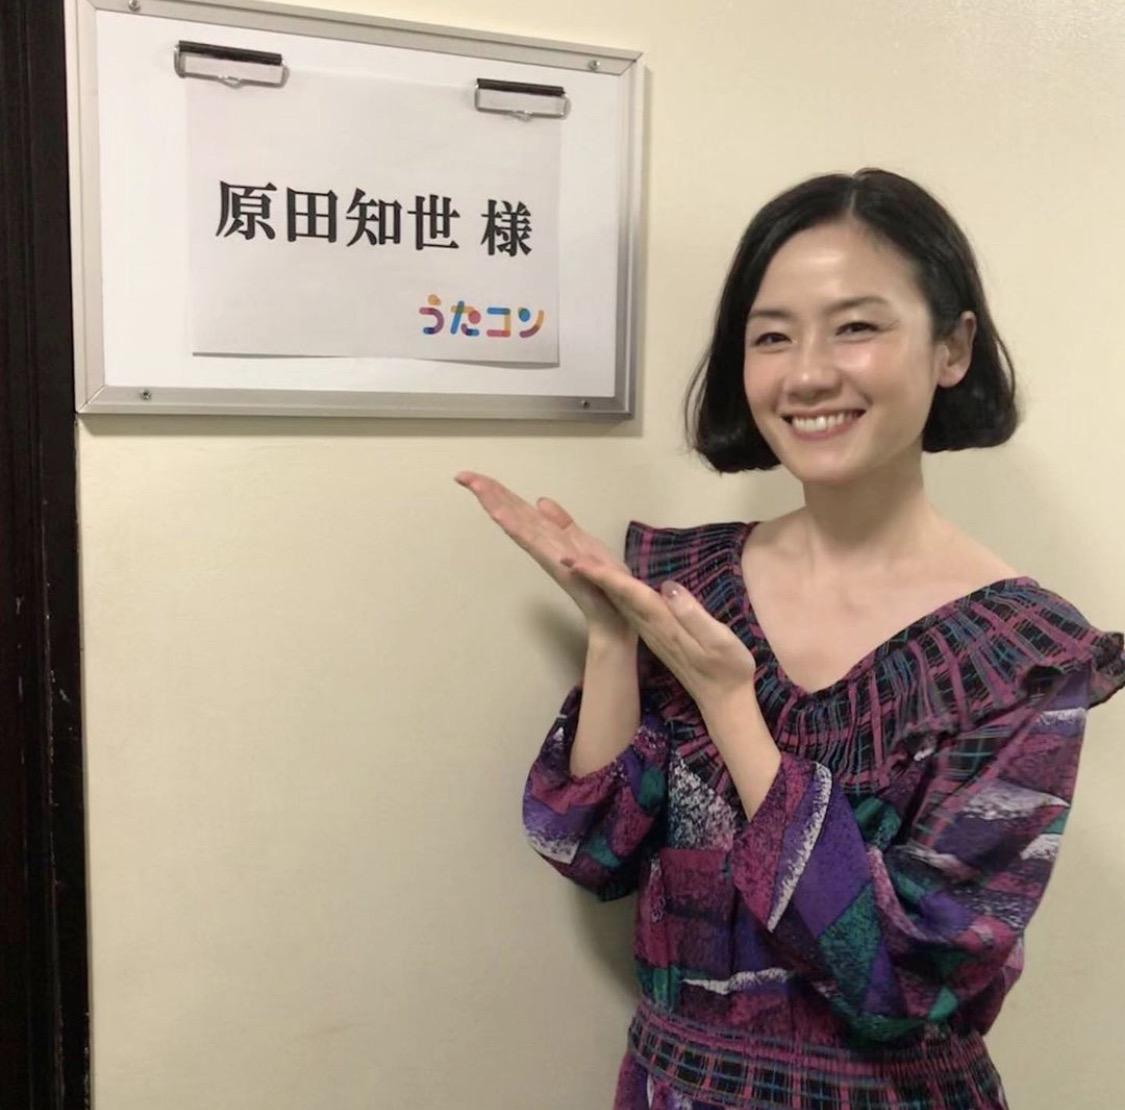 画像】時をかける少女、#原田知世(52)の現在が衝撃的と話題に [牛丼☆] : 気になる芸能まとめ